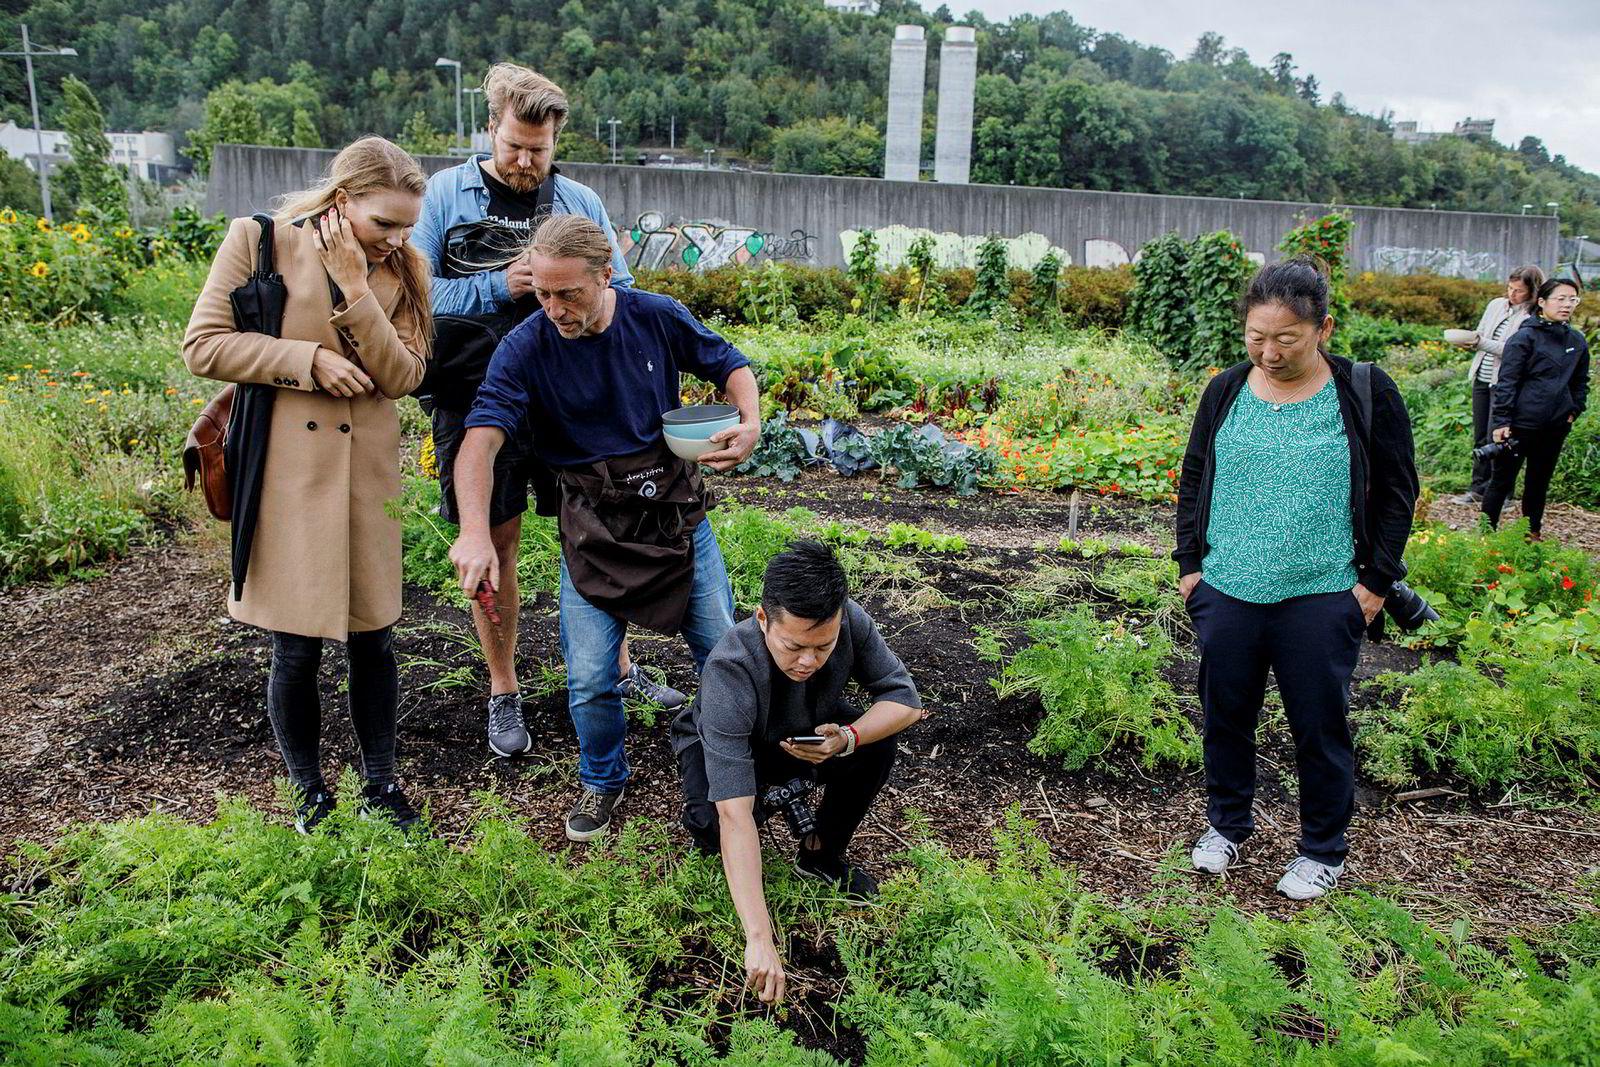 På økogården Losæter i Oslo plukker Hedda Kaupang, Anders Husa, Emmanuel Rang fra Åpent Bakeri, instagrammer Tun Shin Chang og journalist Tove Henckel spiselige blomster.